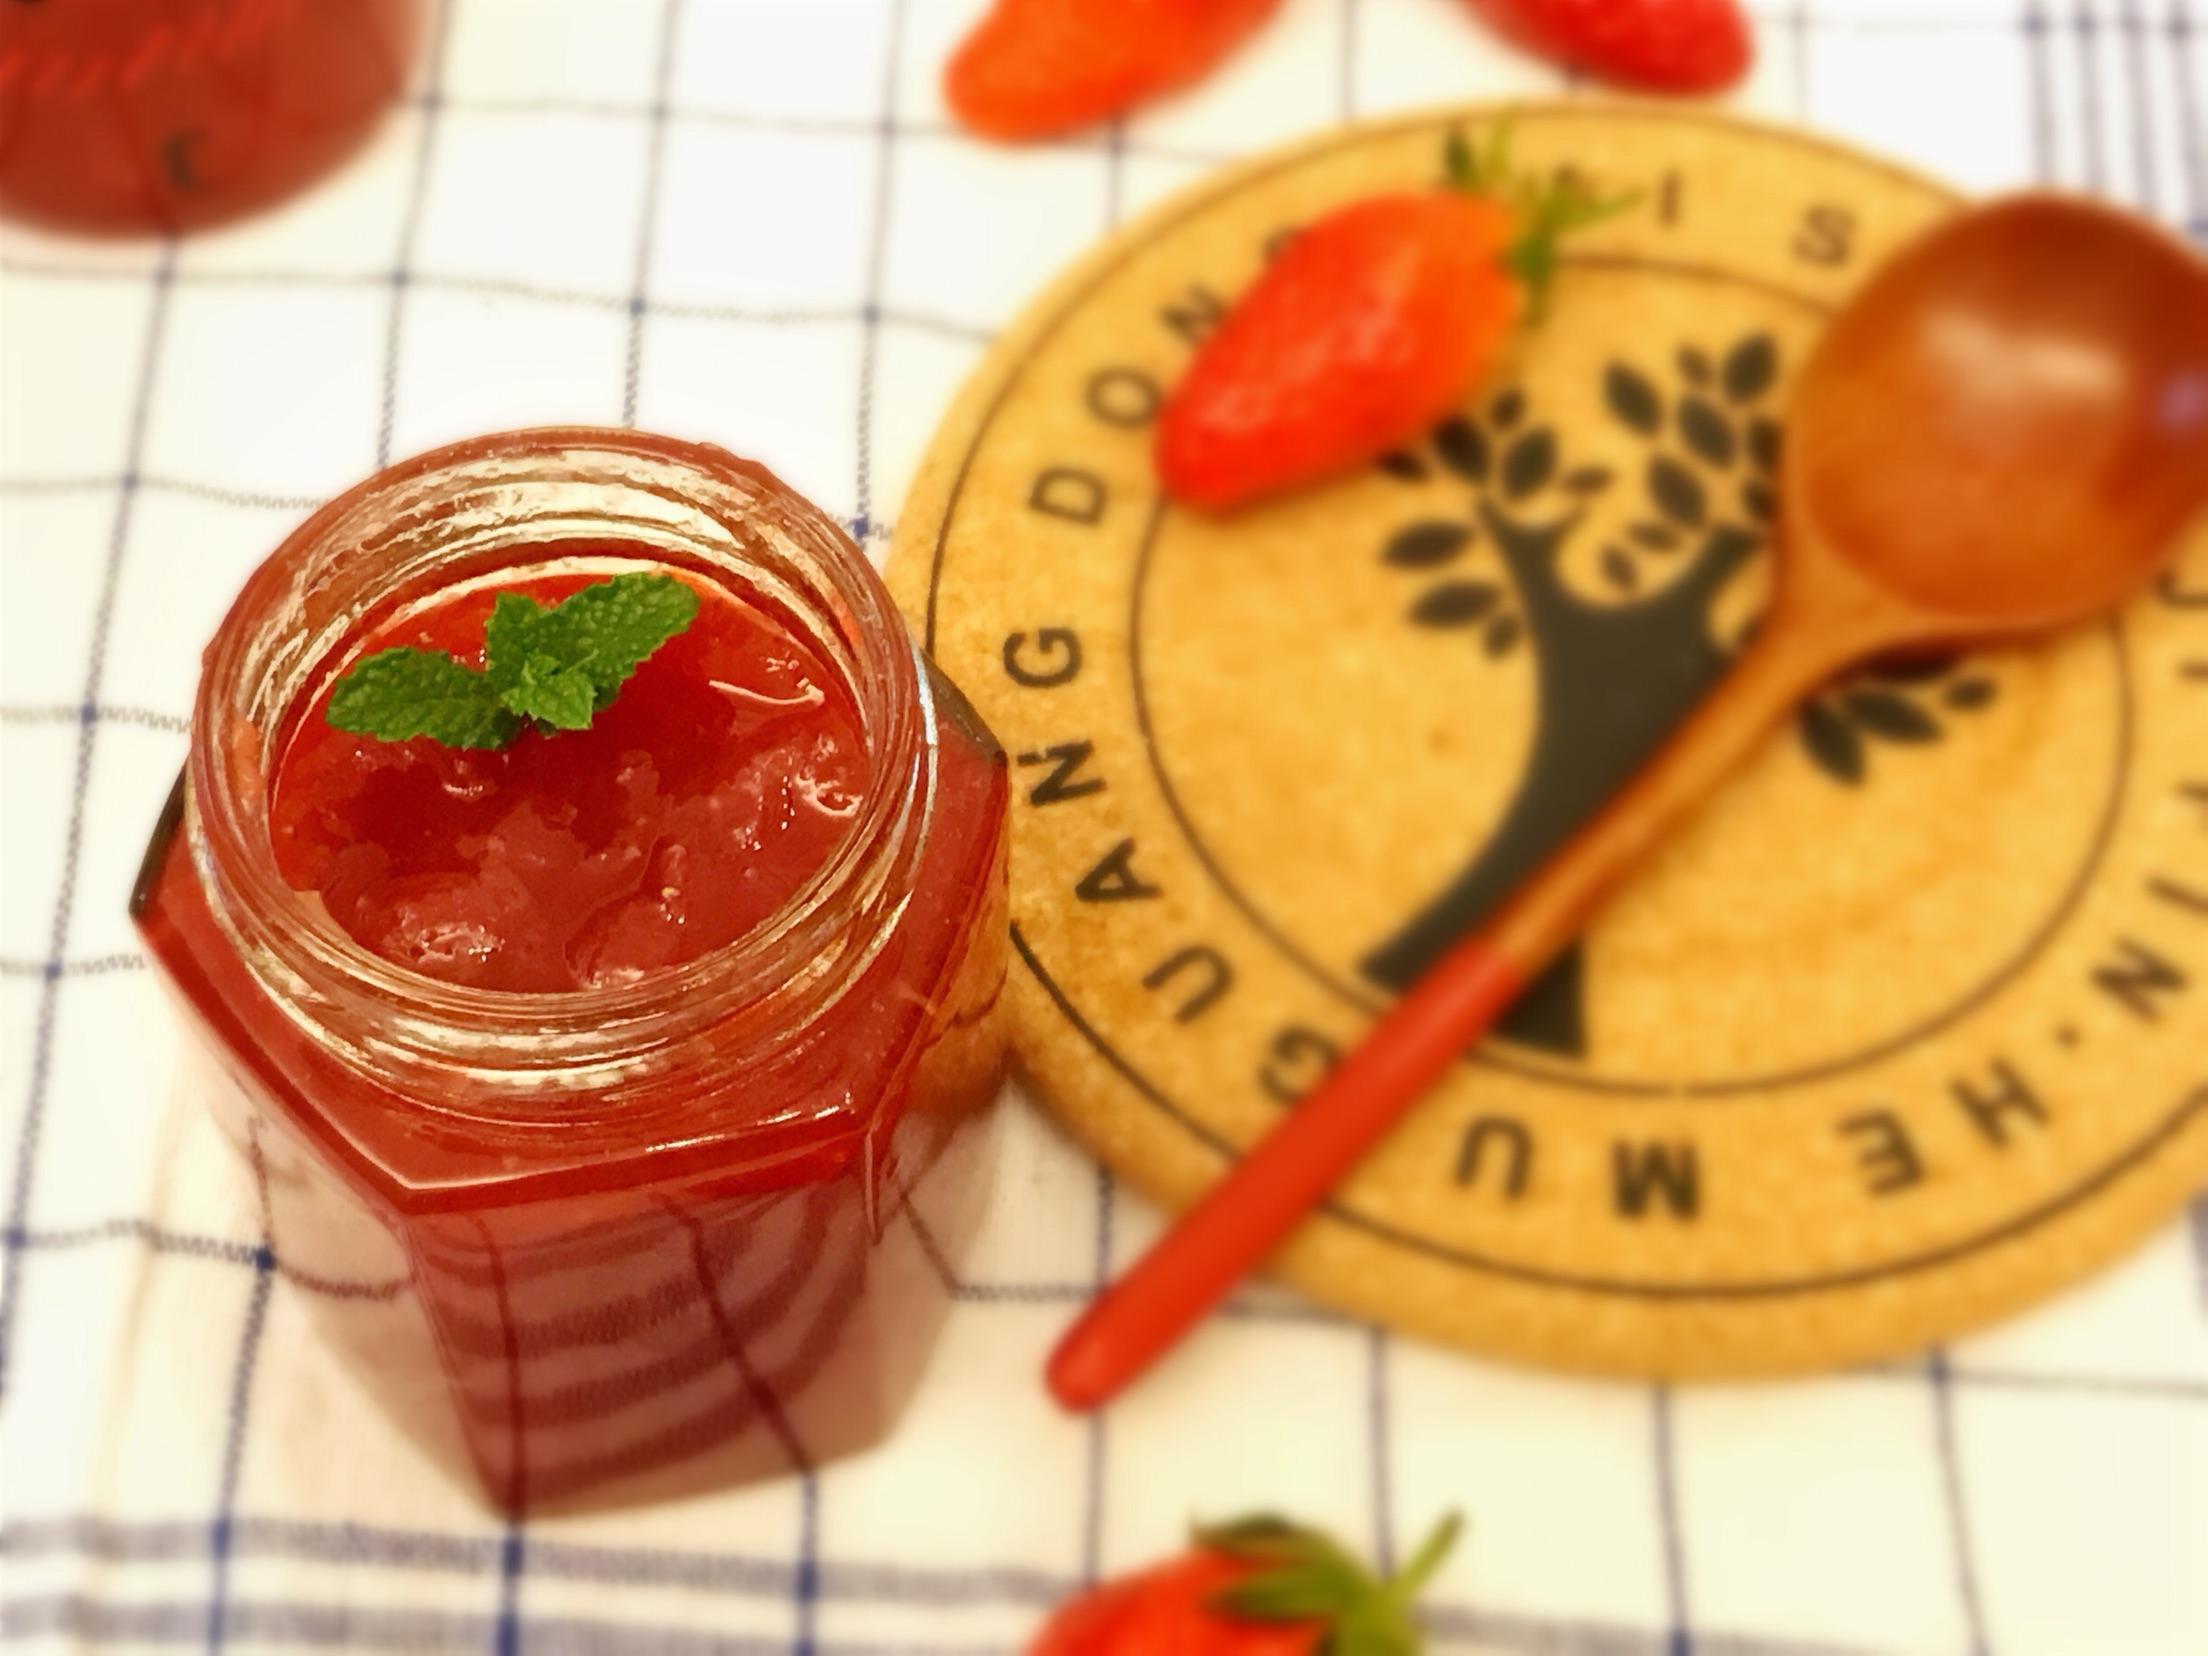 草莓酱怎么吃_自制草莓酱能保存多久  第2张